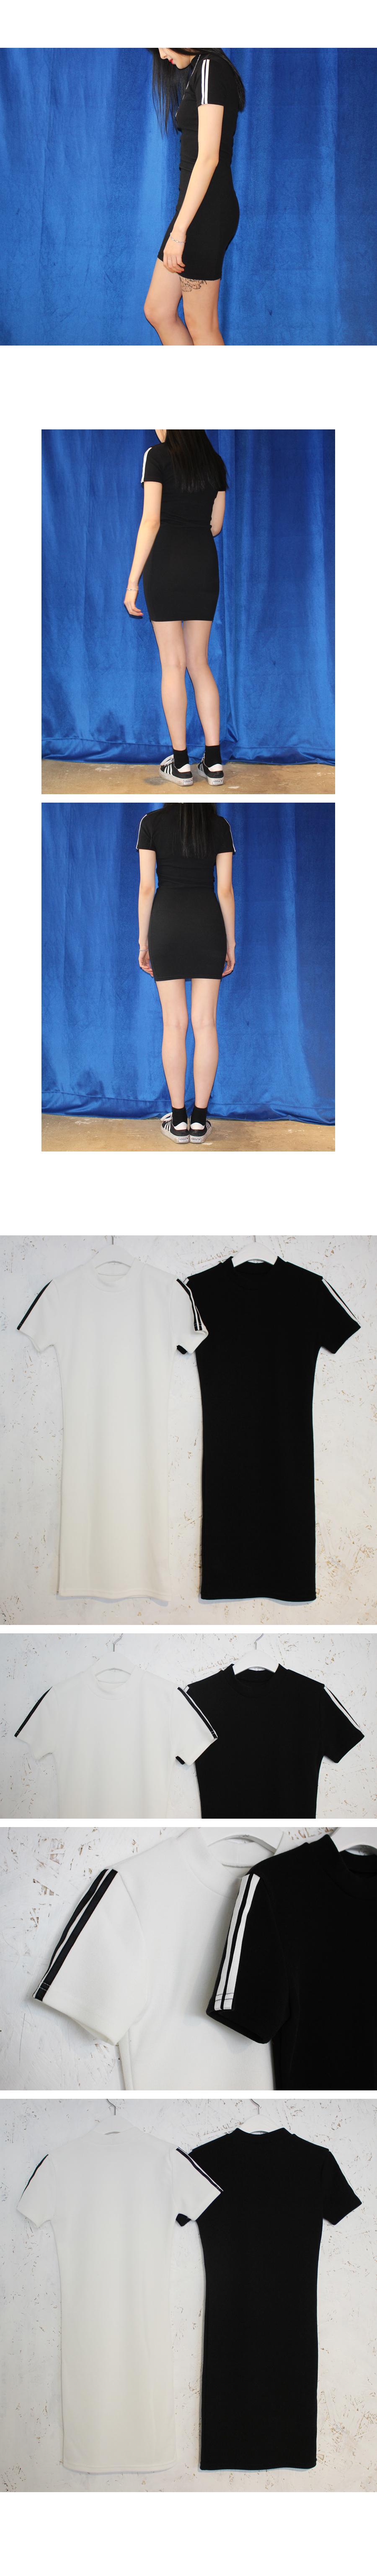 라인 슬림핏 원피스 (2colors) - 써리미, 17,600원, 원피스, 미니원피스